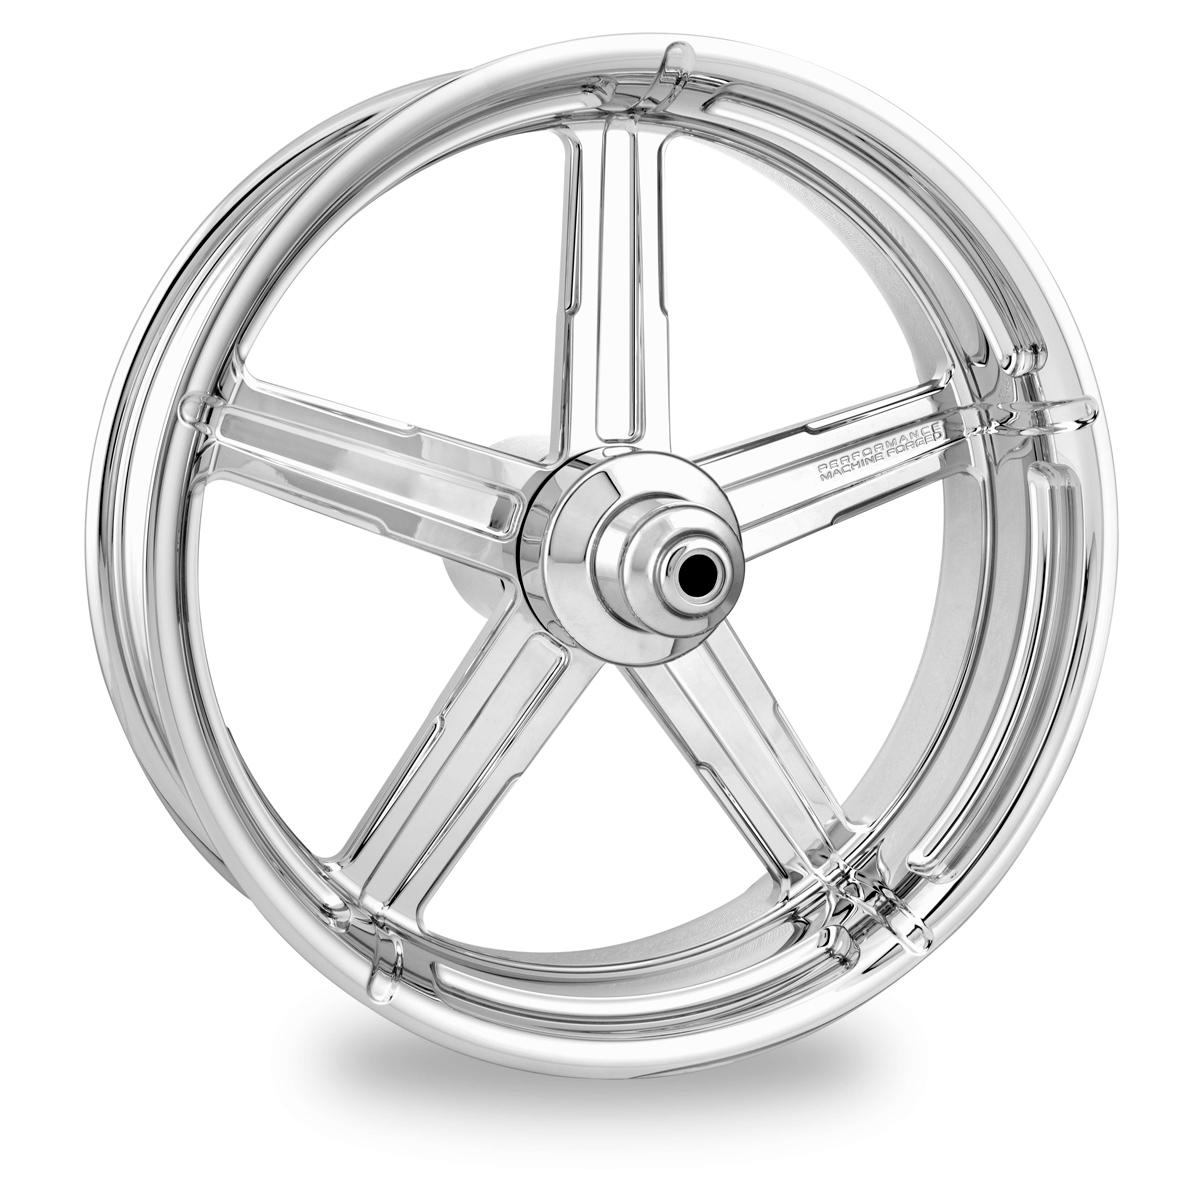 Performance Machine Formula Chrome Rear Wheel 18x5.5 Non-ABS